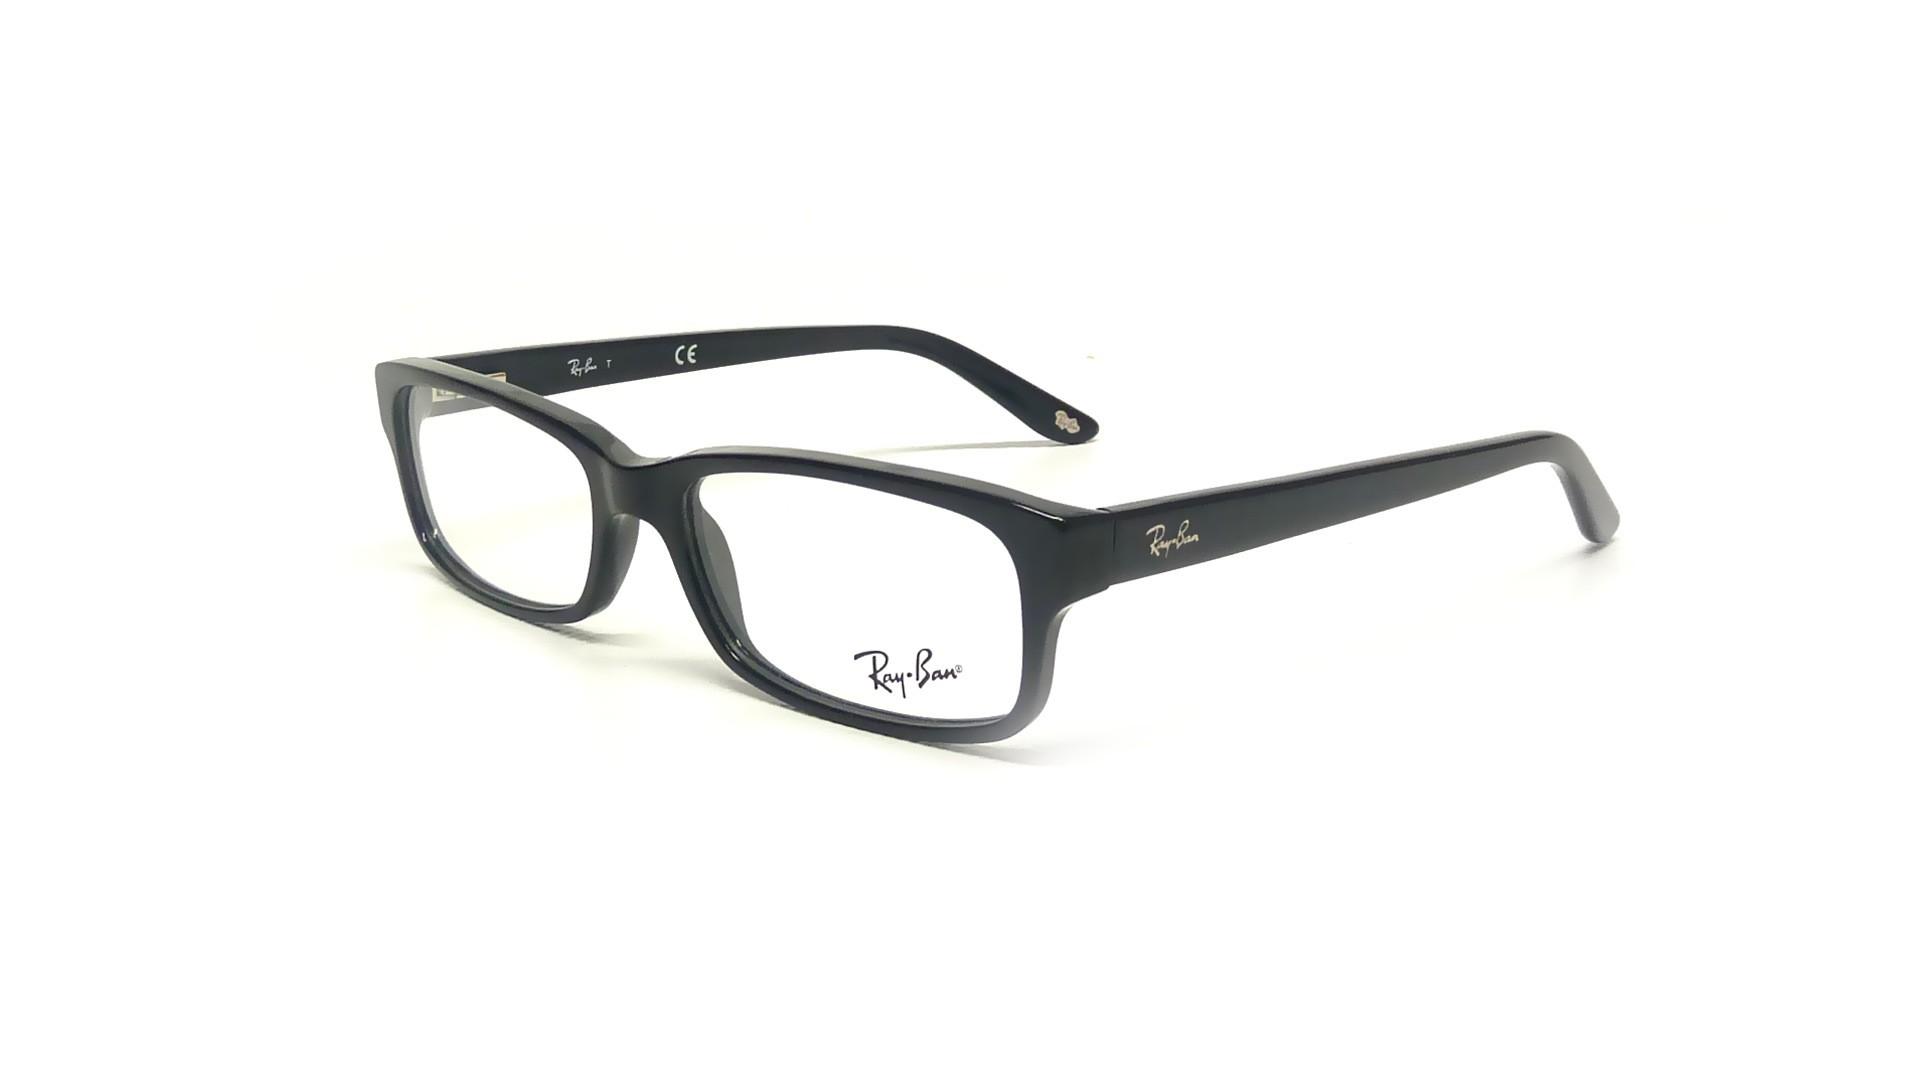 67506fb8f89 Eyeglasses Ray-Ban RX5187 RB5187 2000 52-16 Black Large